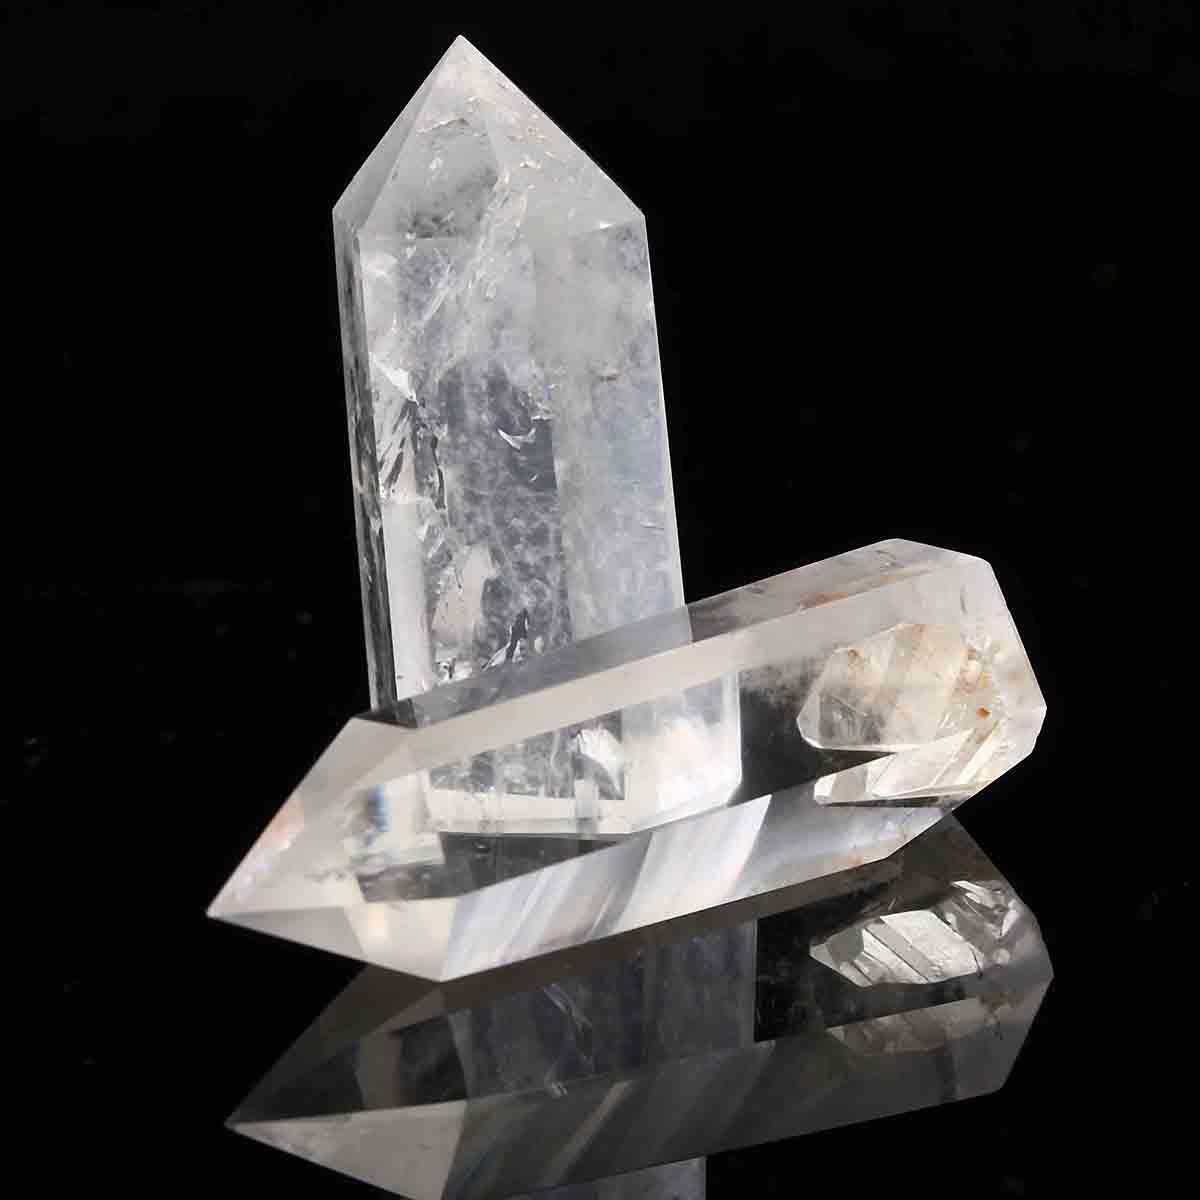 2pcs Transparent Clear Healing Seed Rock Quartz Crystal